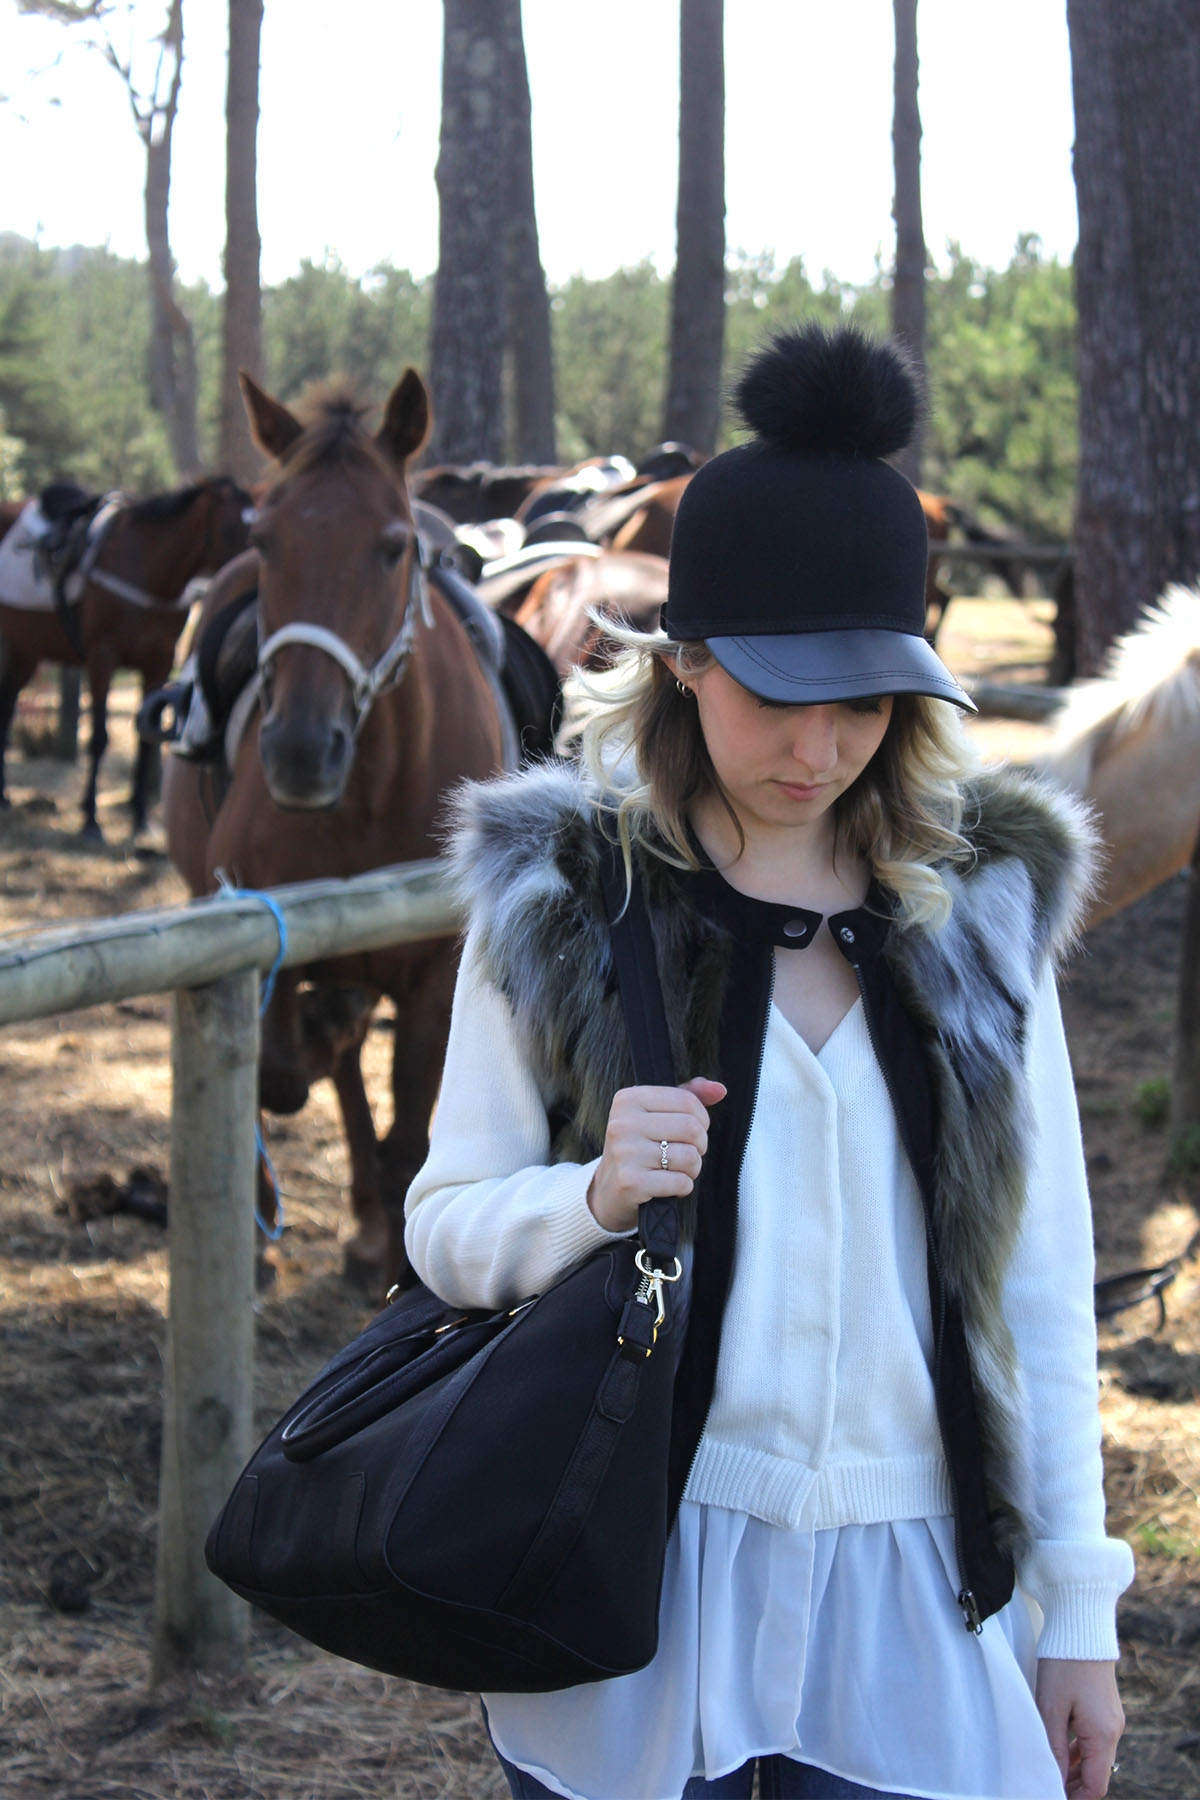 Muriwai-horses_0000_Horses-12.jpg